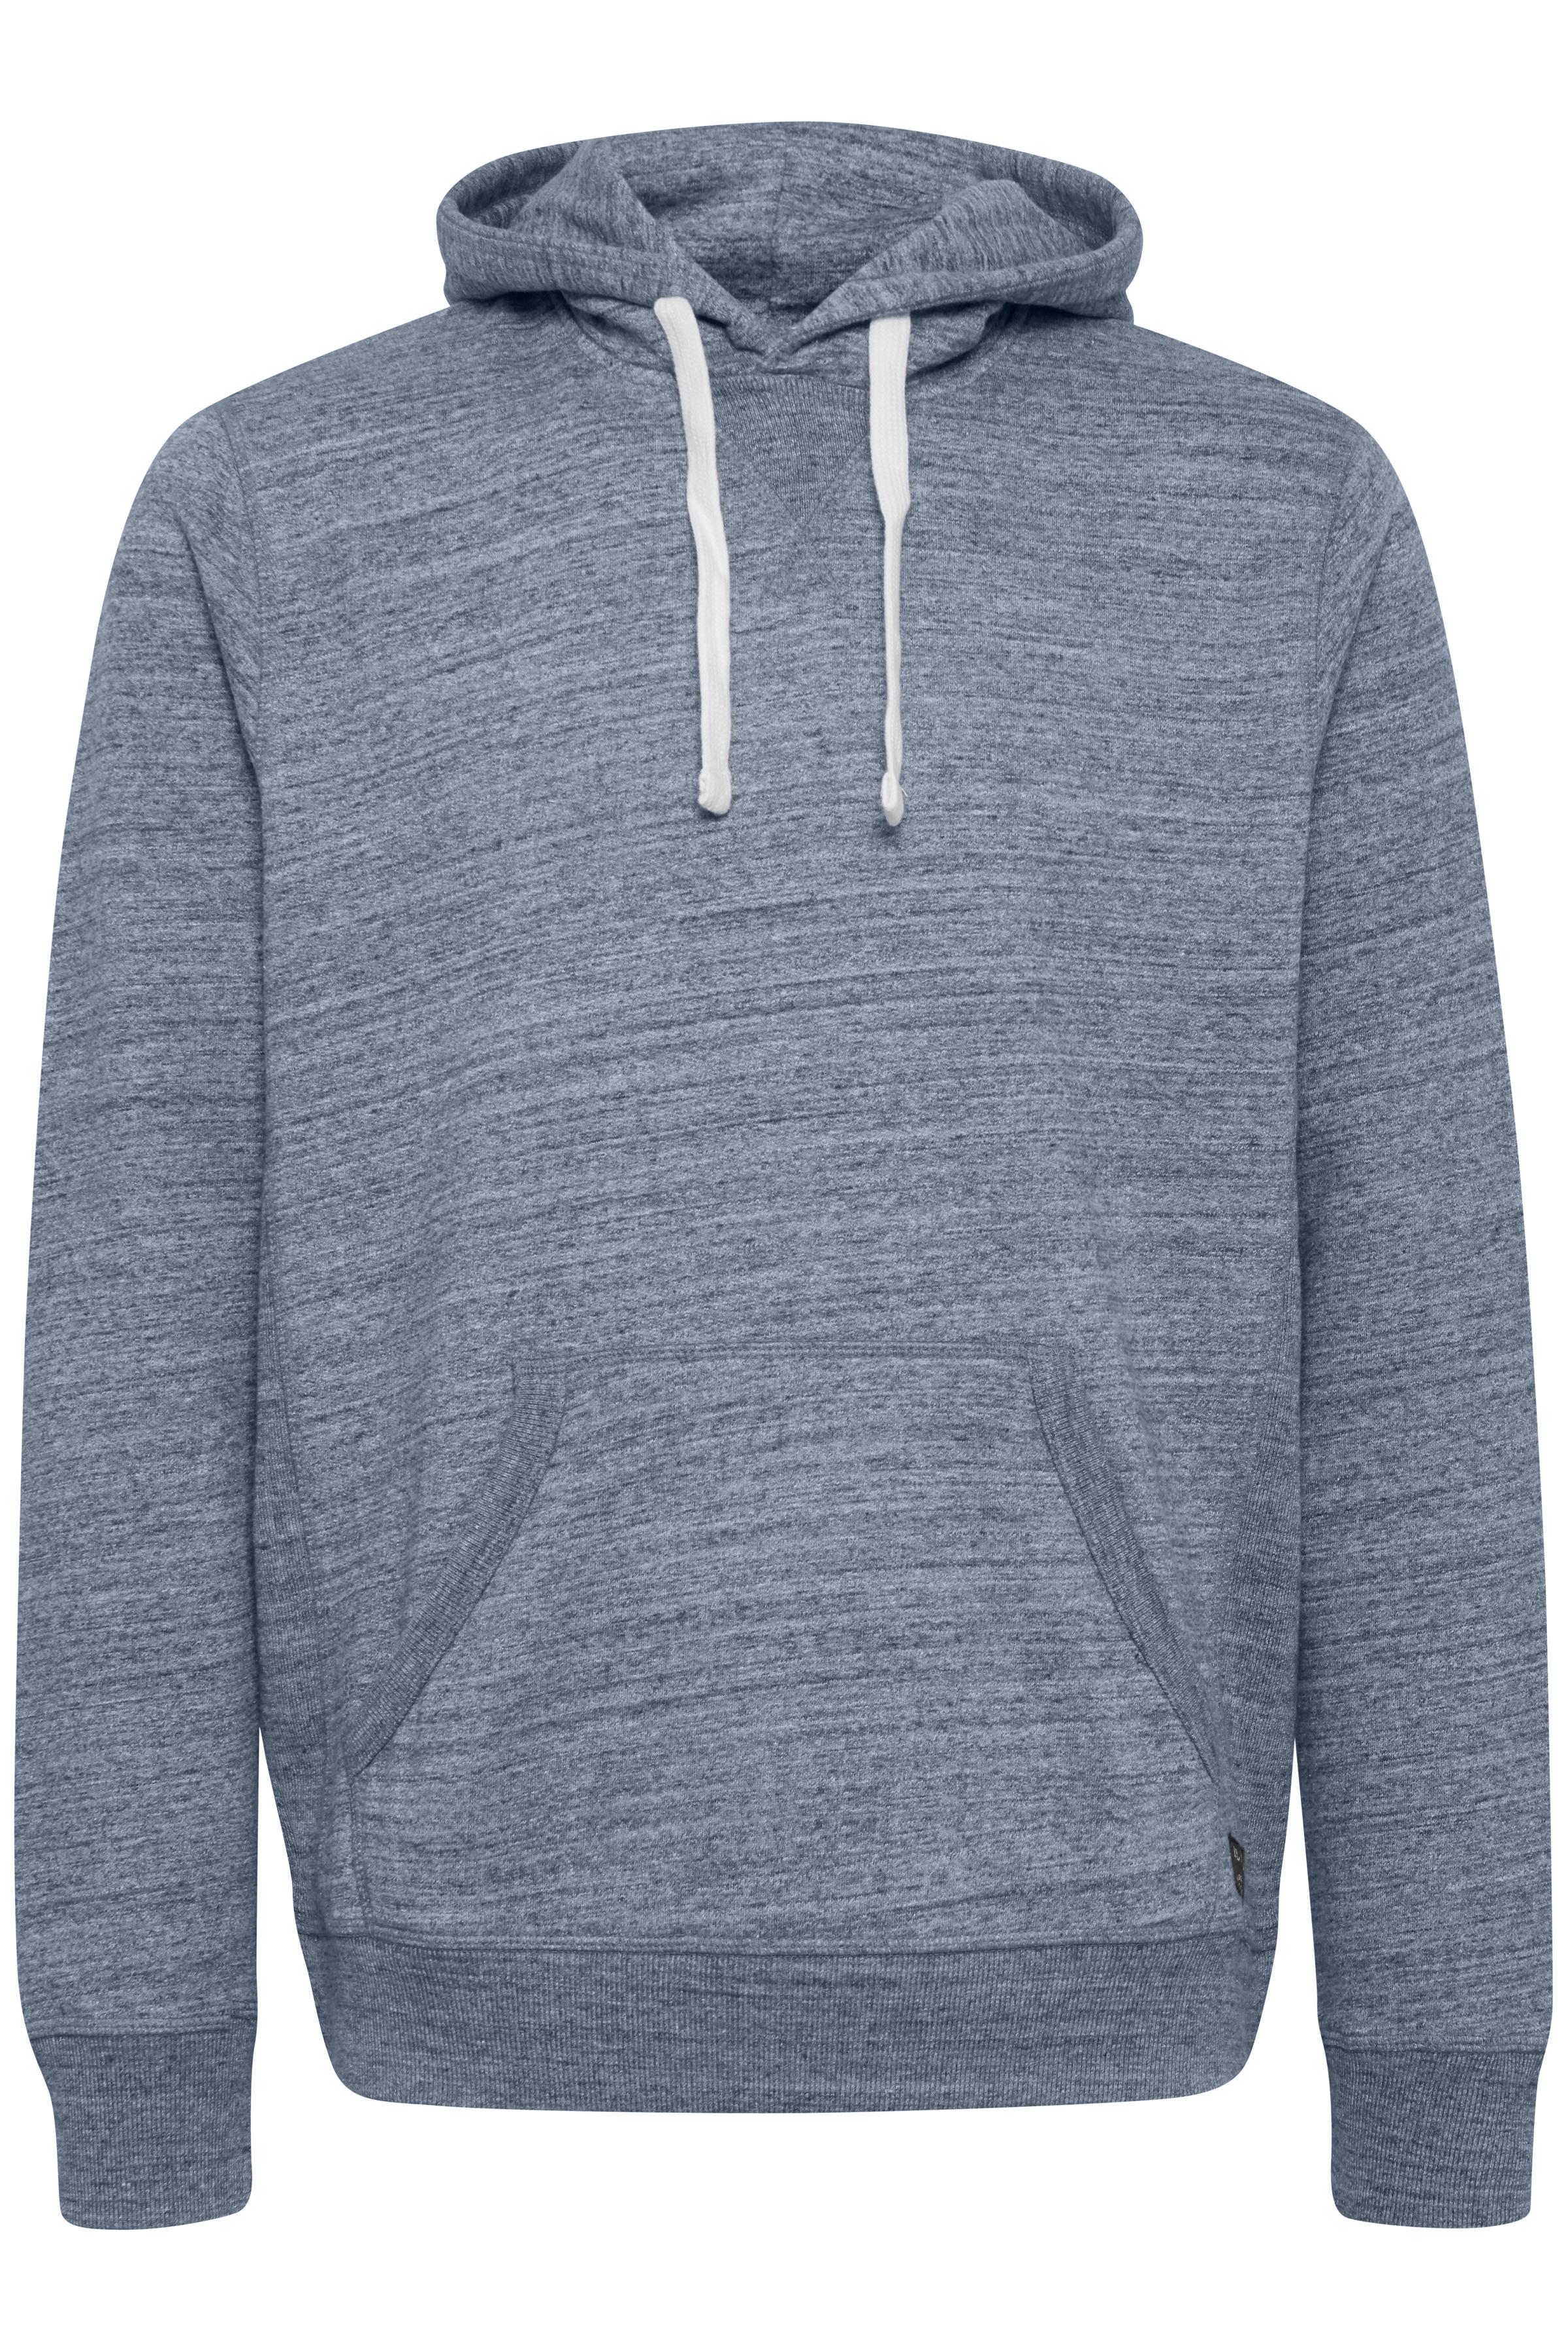 Mørk marineblå Hættetrøje fra Blend He – Køb Mørk marineblå Hættetrøje fra str. S-3XL her